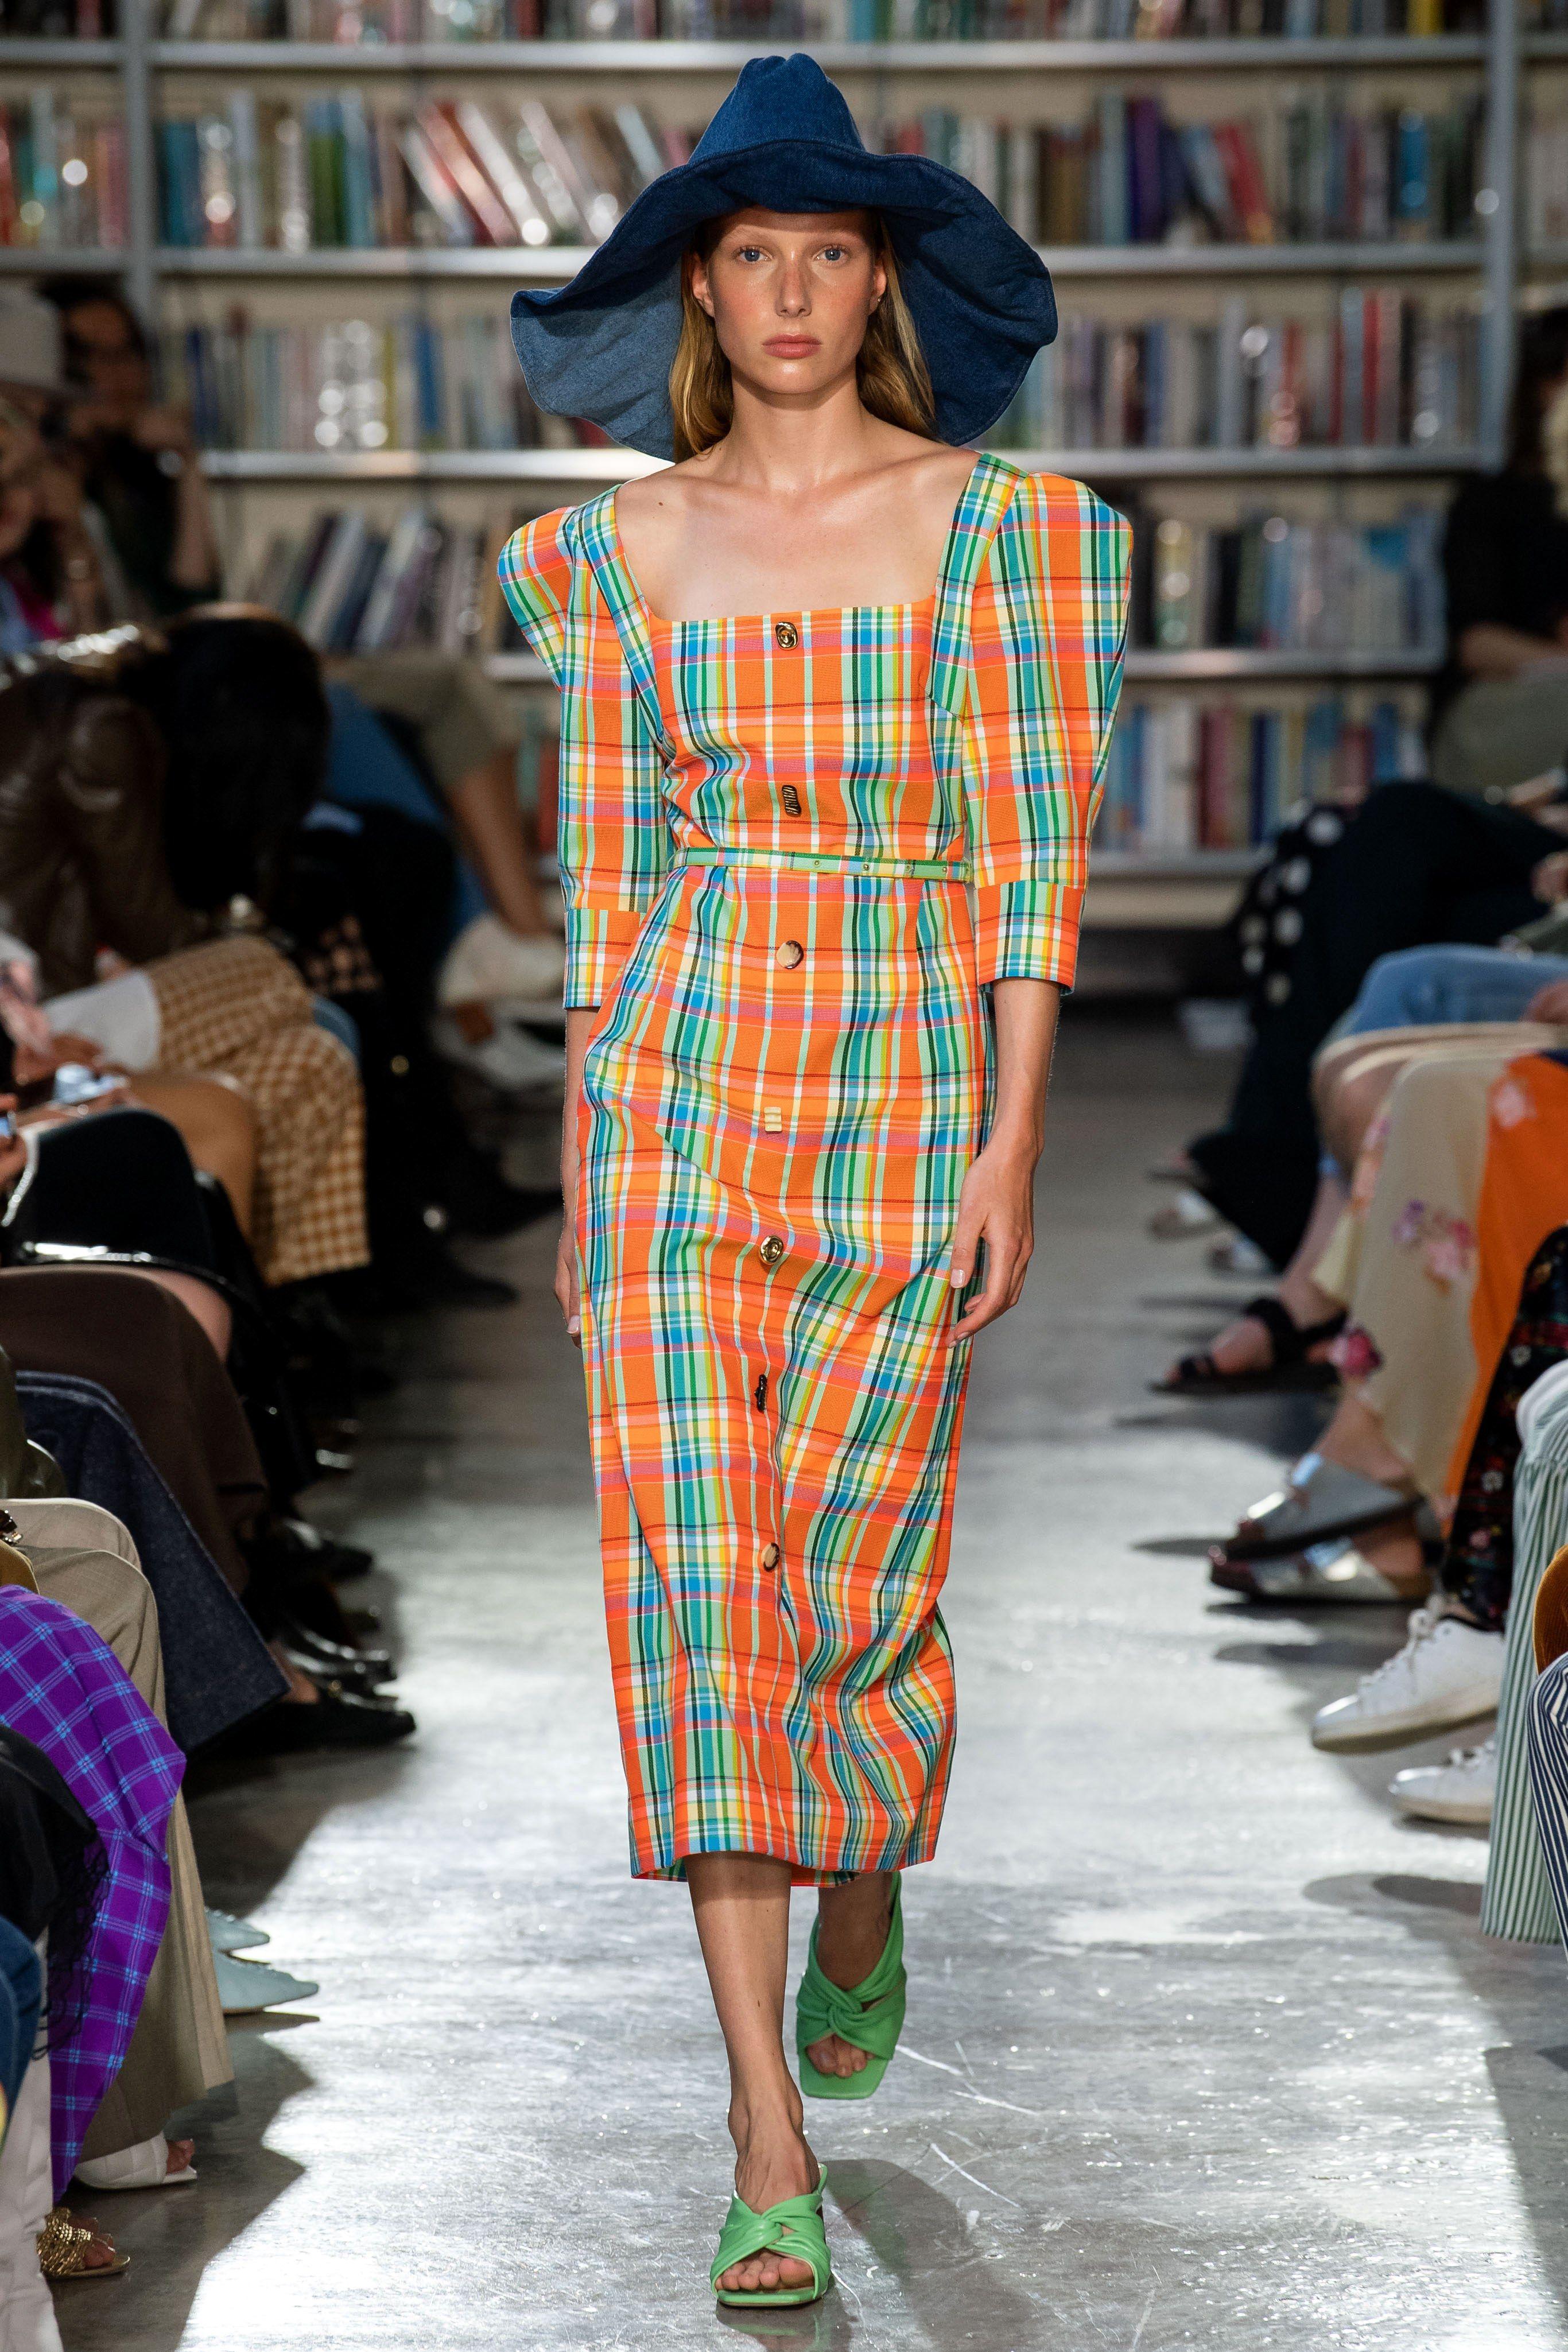 áo caro nổi bật xu hướng thời trang tại các sàn diễn thời trang